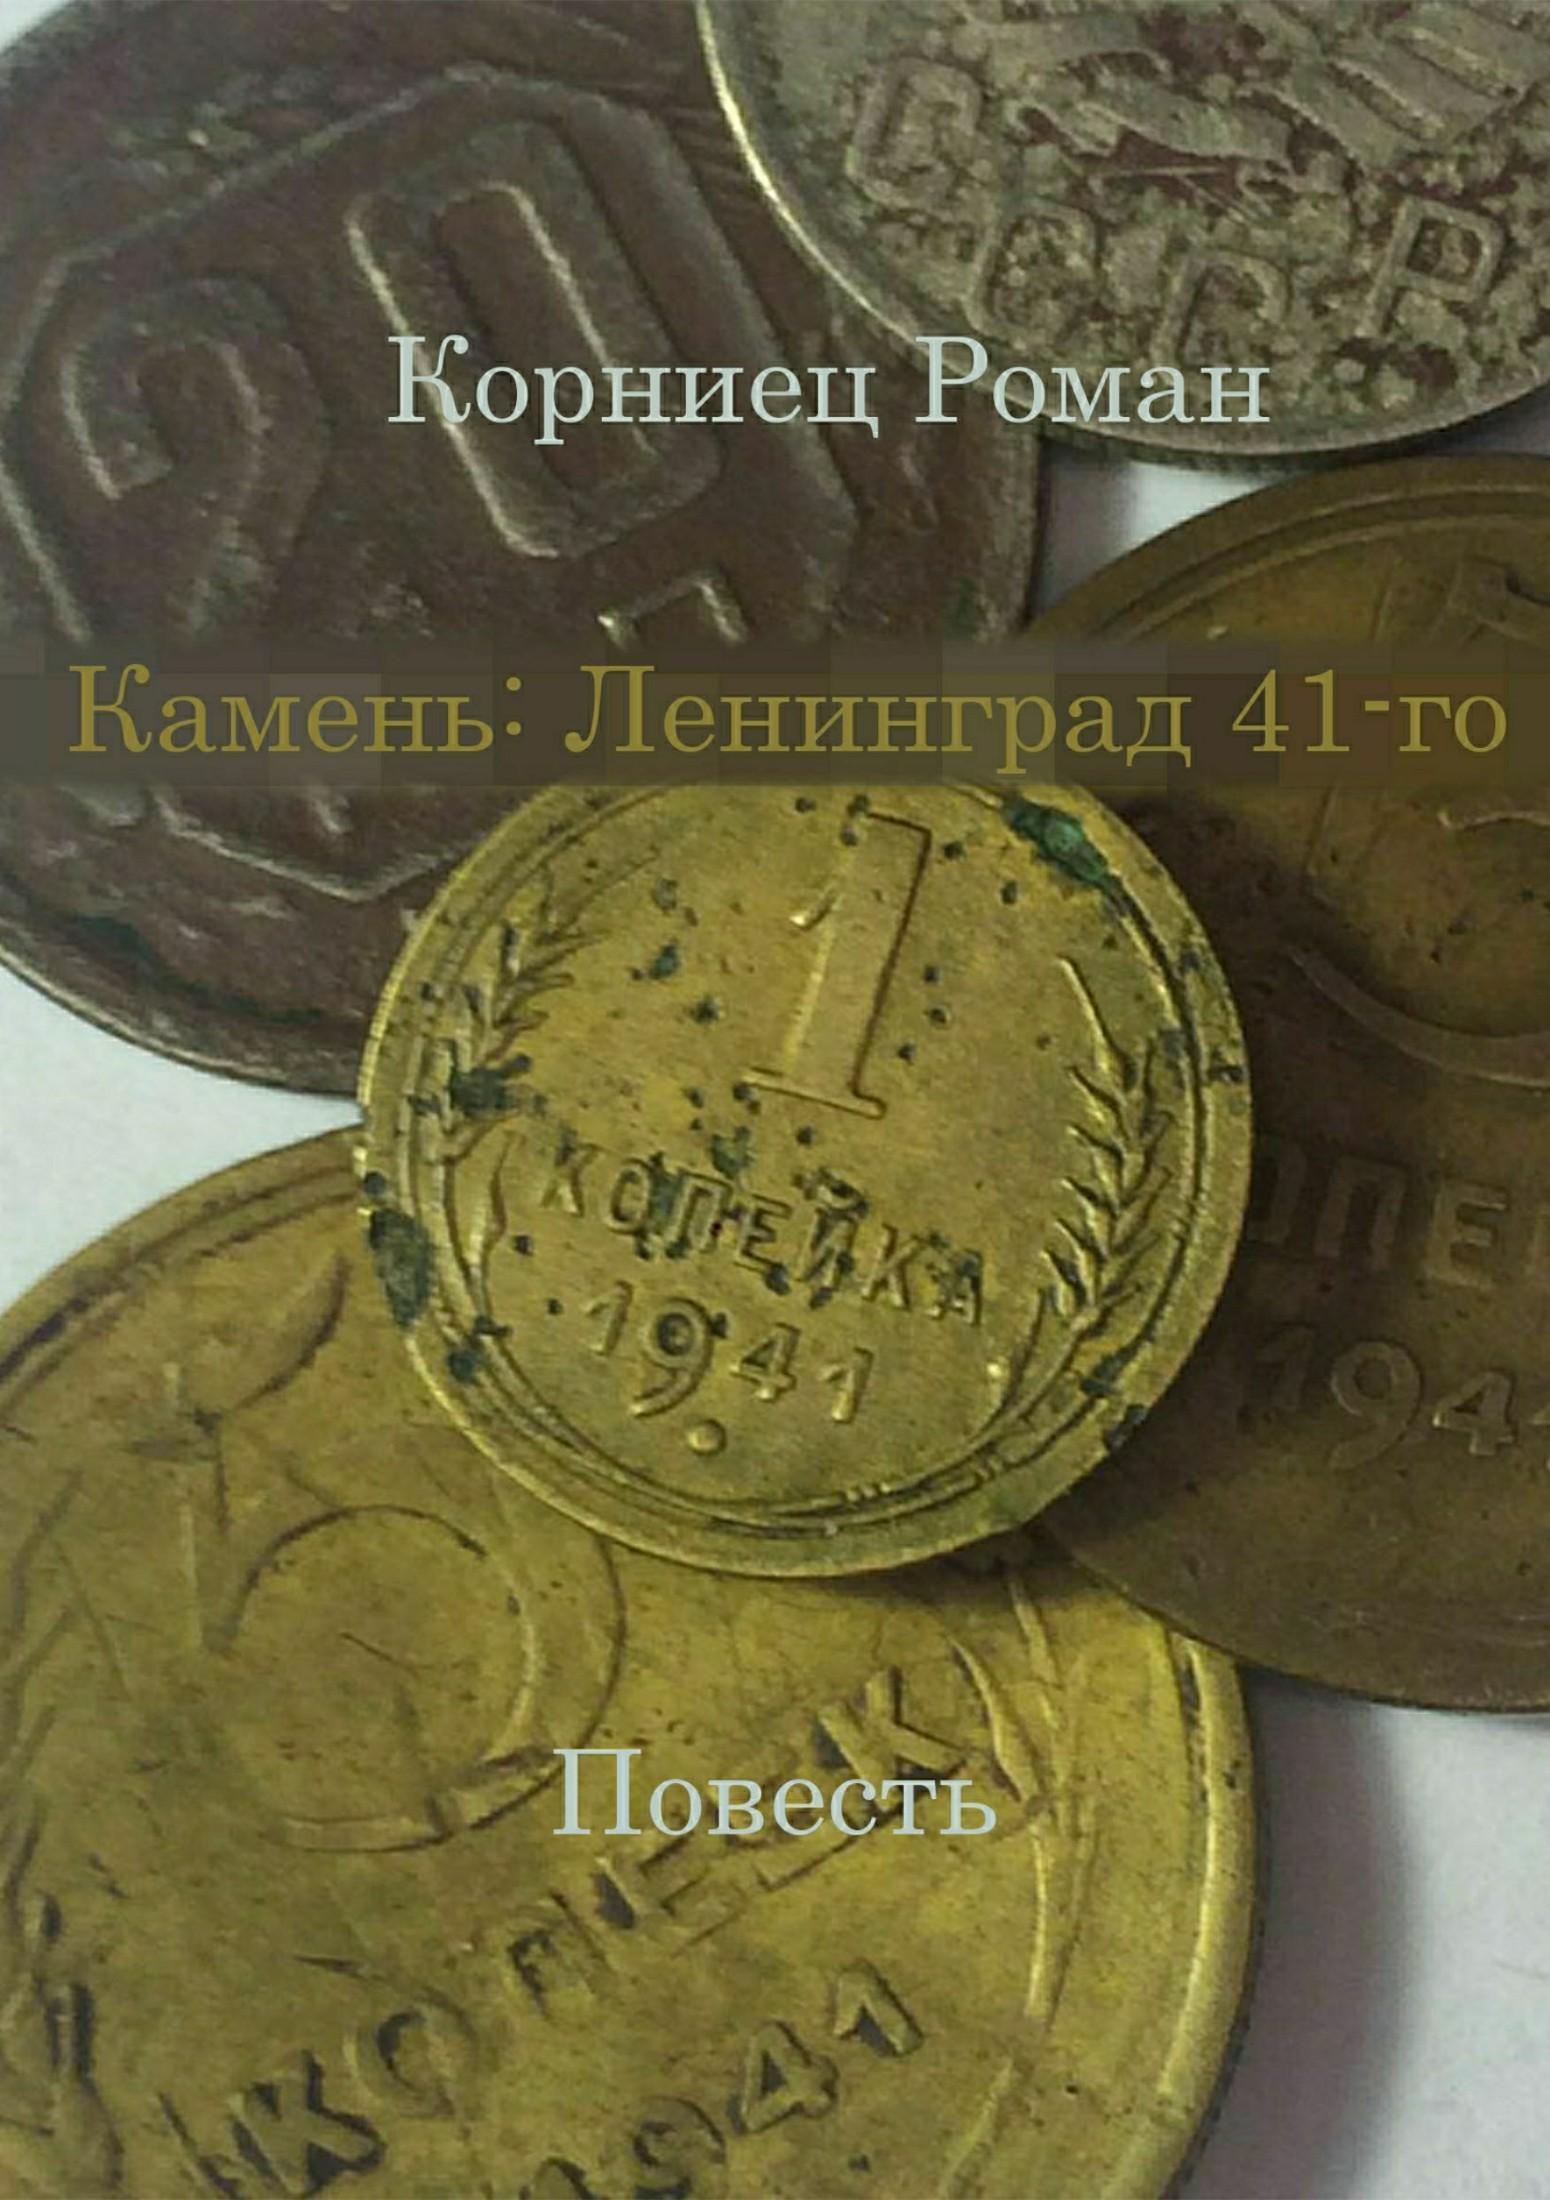 Камень: Ленинград 41-го